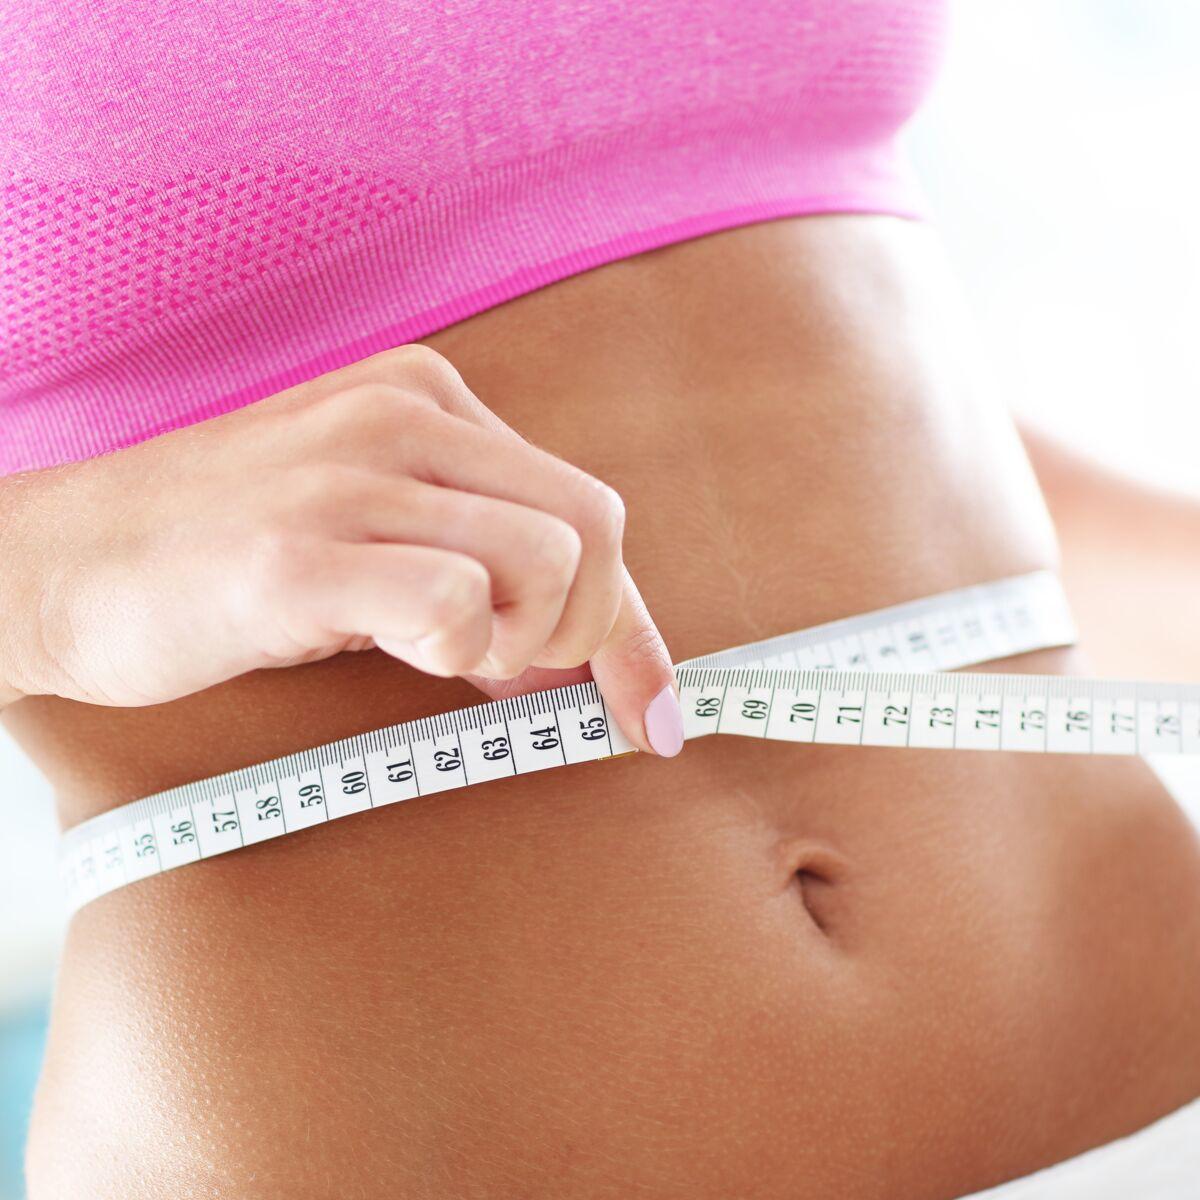 sous-vêtements pour perdre du poids